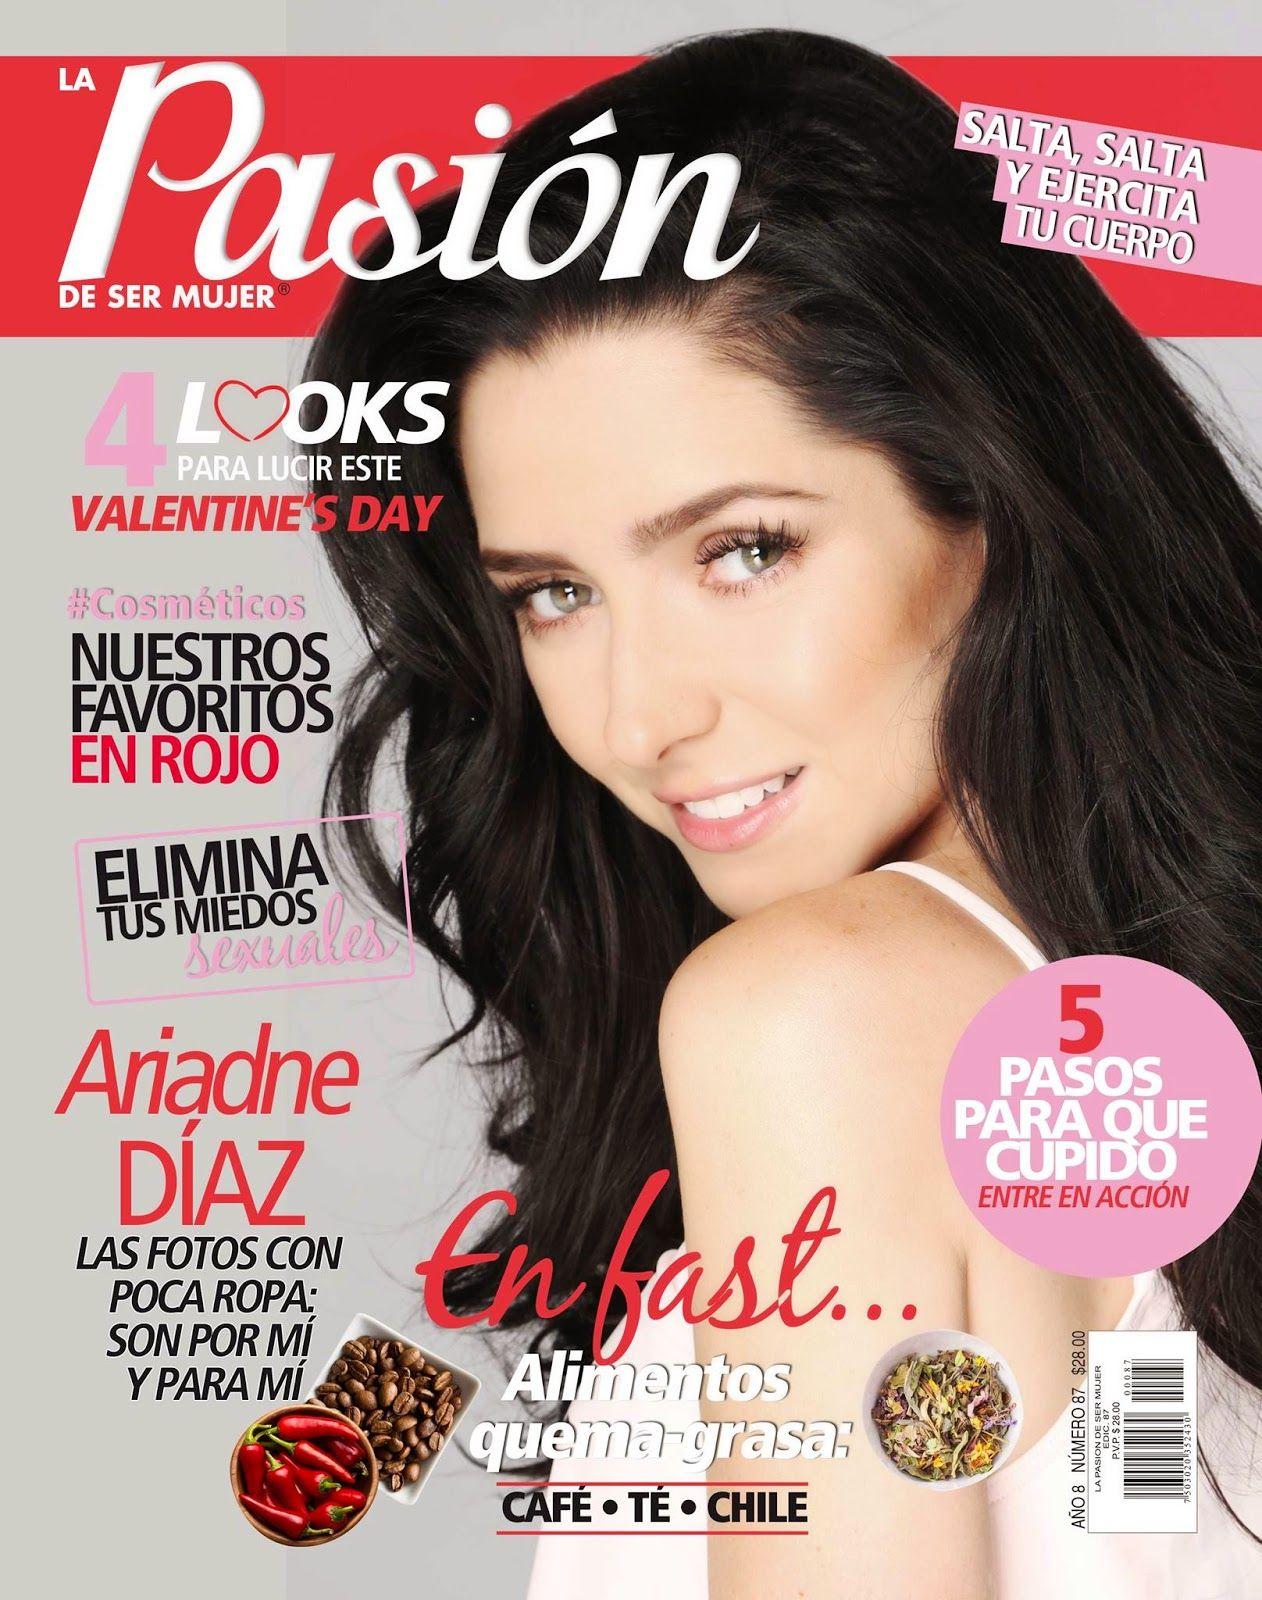 Actrices y actores latinos: La Pasión de ser mujer - Ariadne Díaz